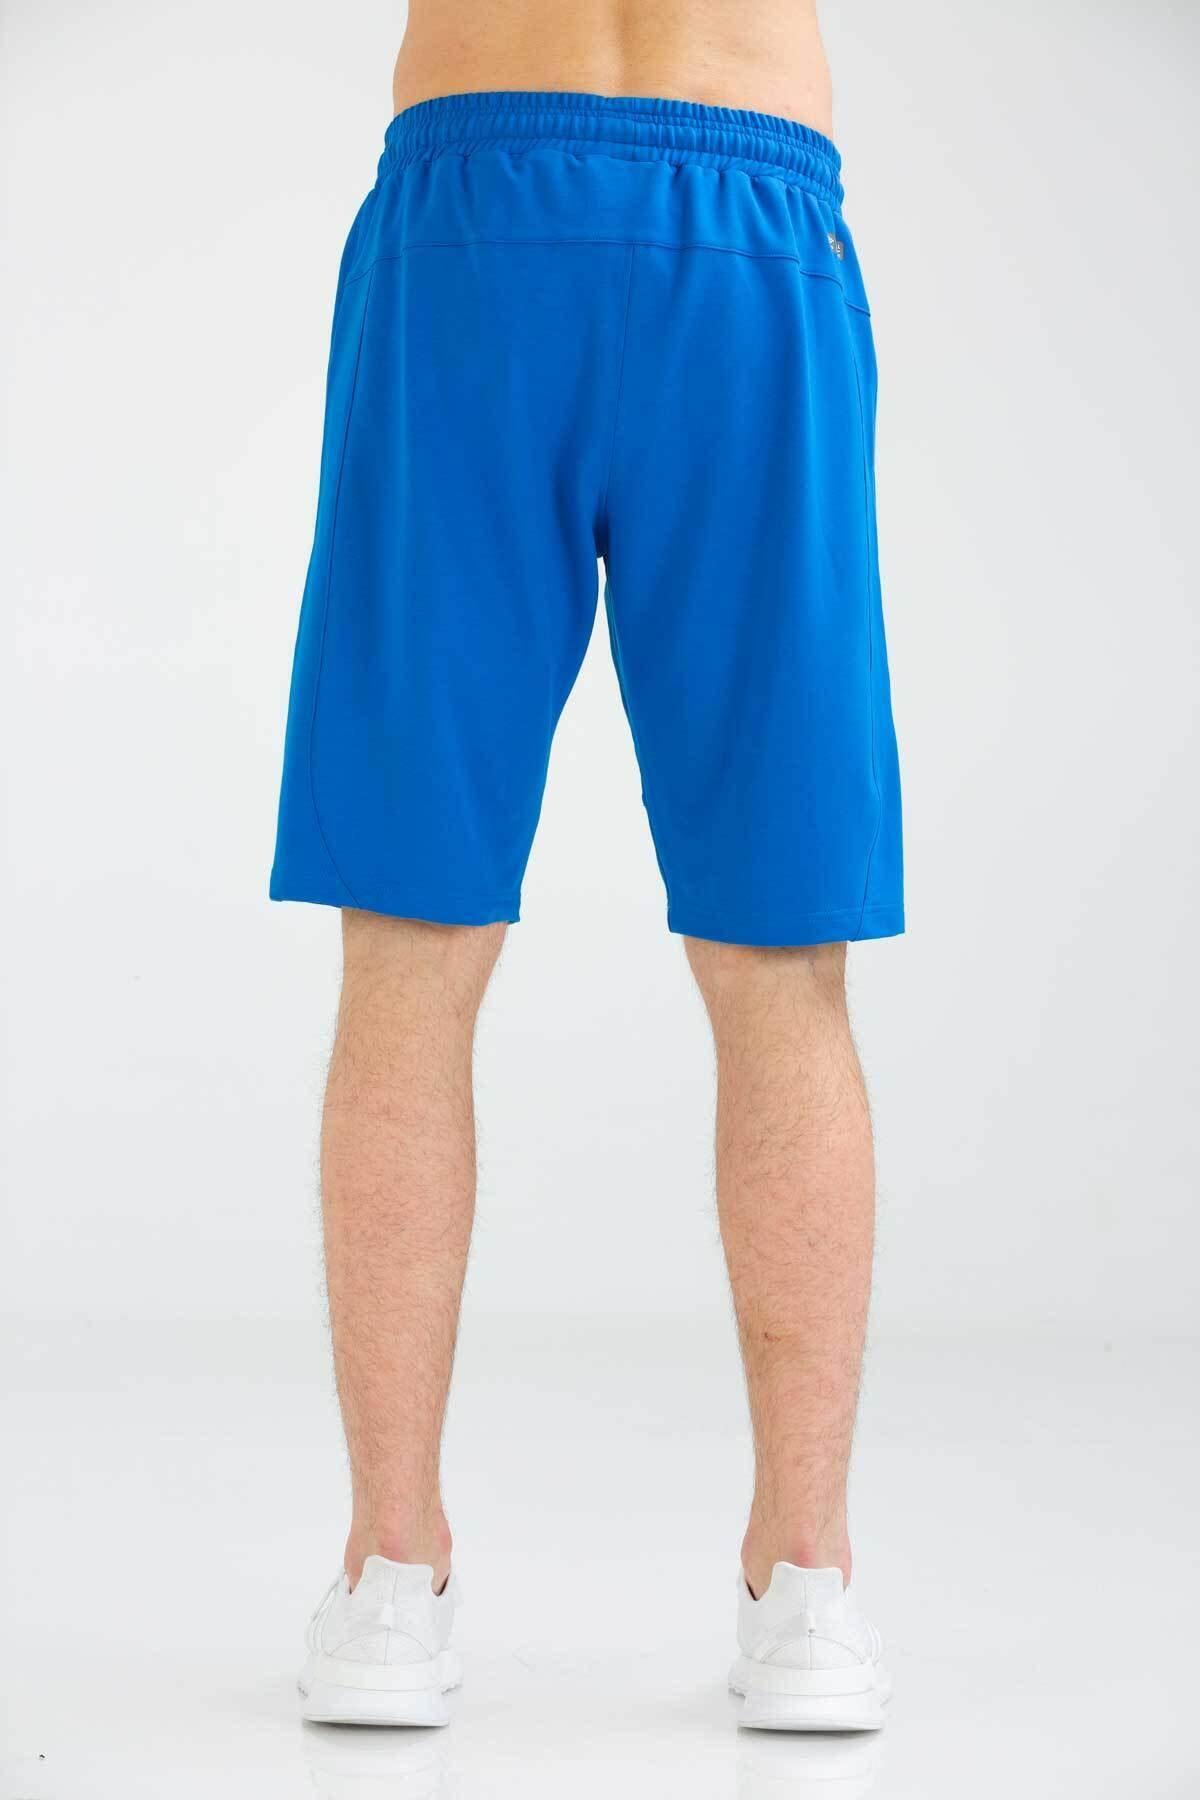 خرید نقدی شلوارک ورزشی مردانه  برند UMBRO رنگ لاجوردی کد ty43875497